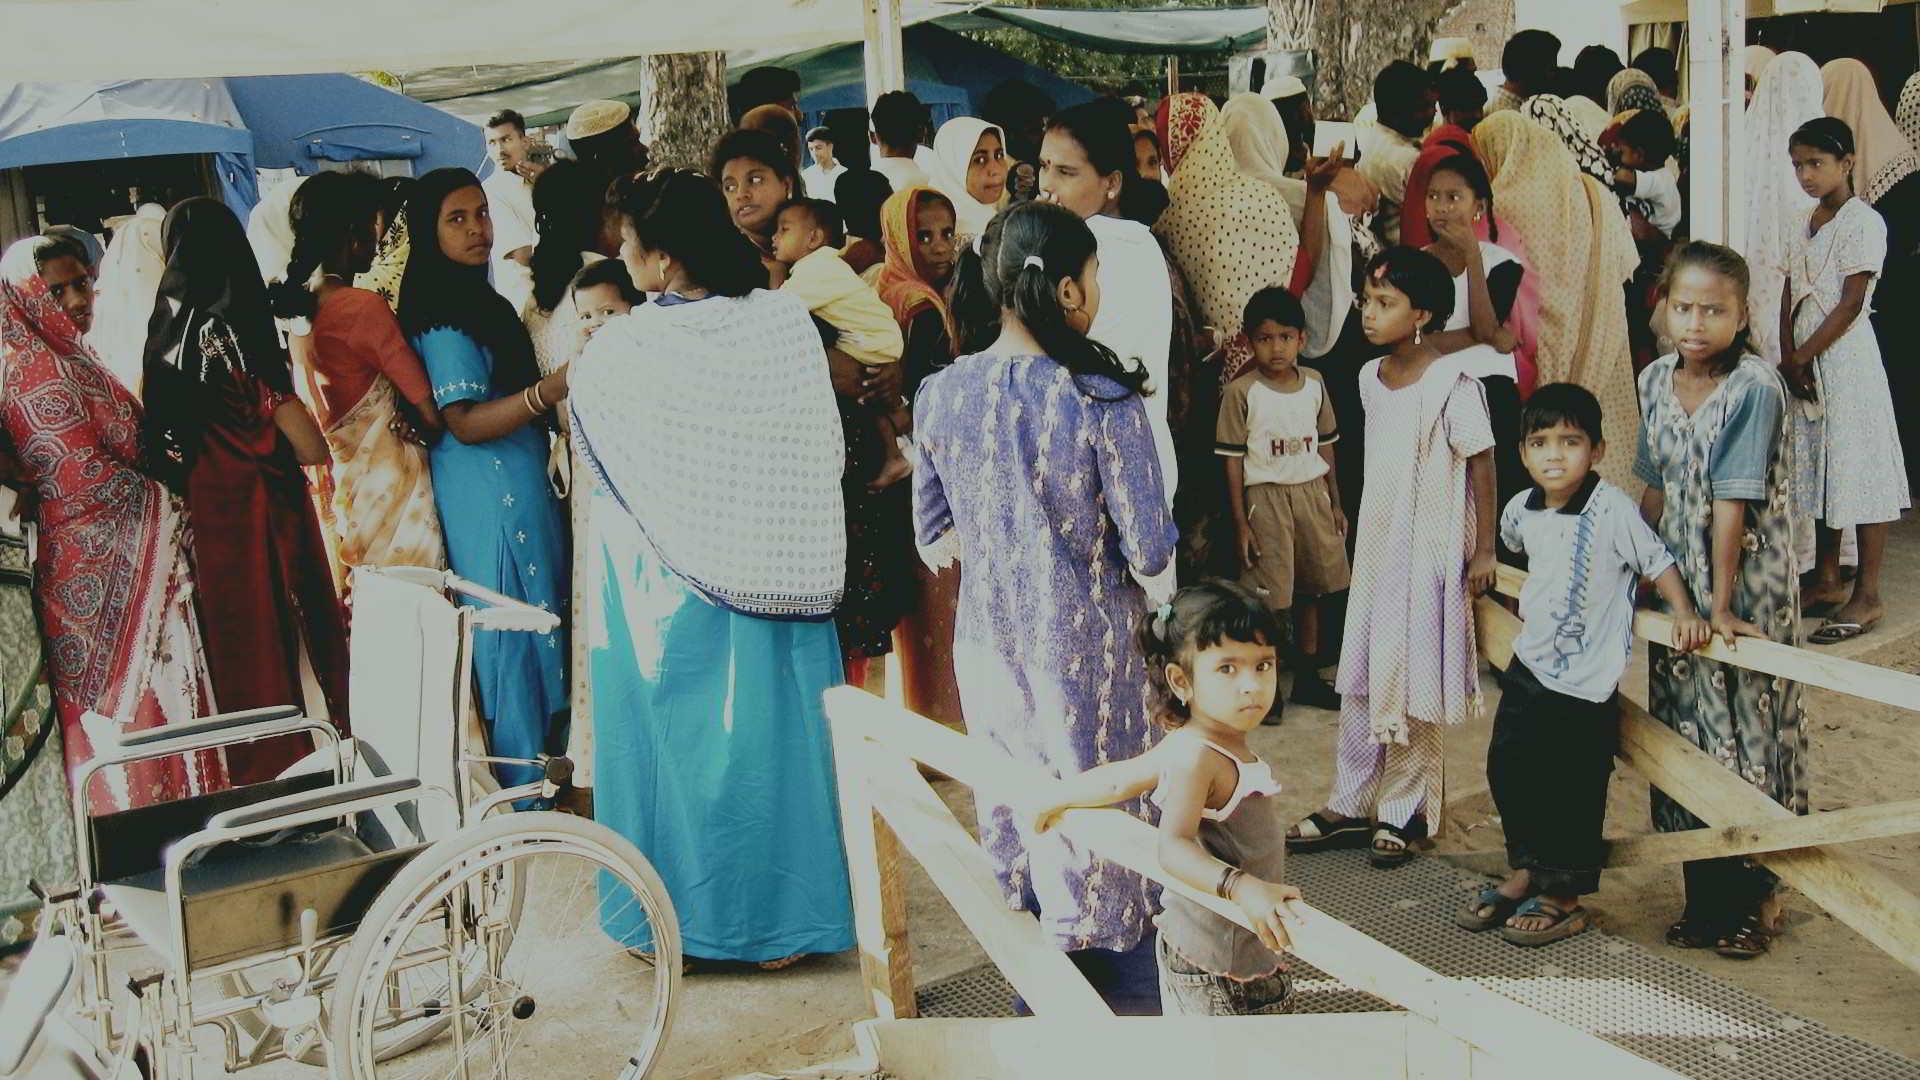 Persone in fila per farsi visitare - Kinniya per la Vita Onlus